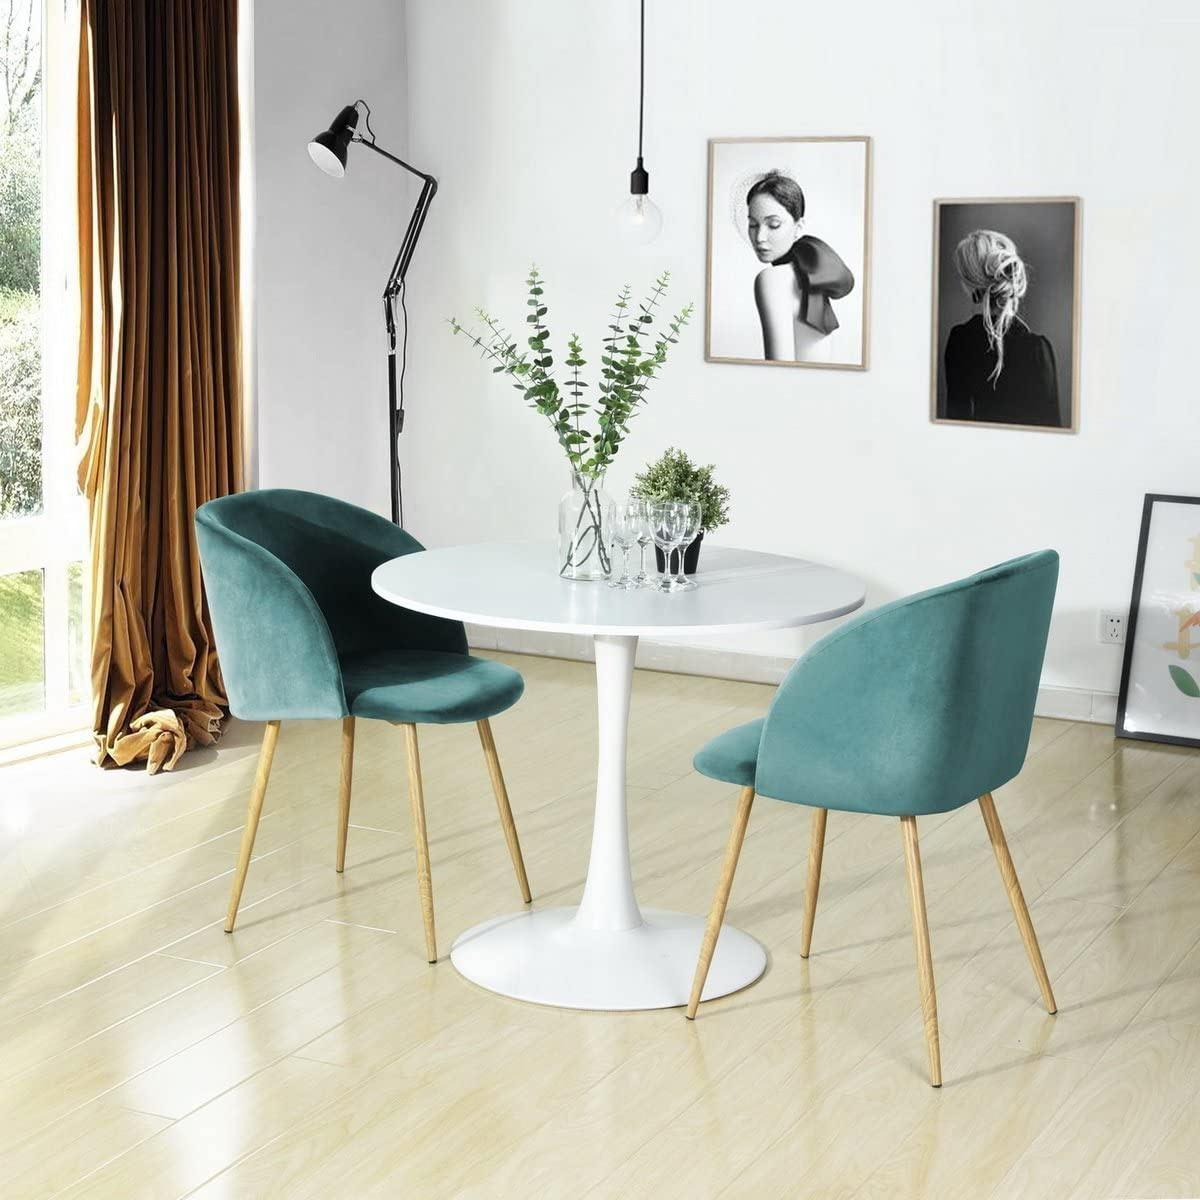 Sedie vintage stile vintage blu verde.